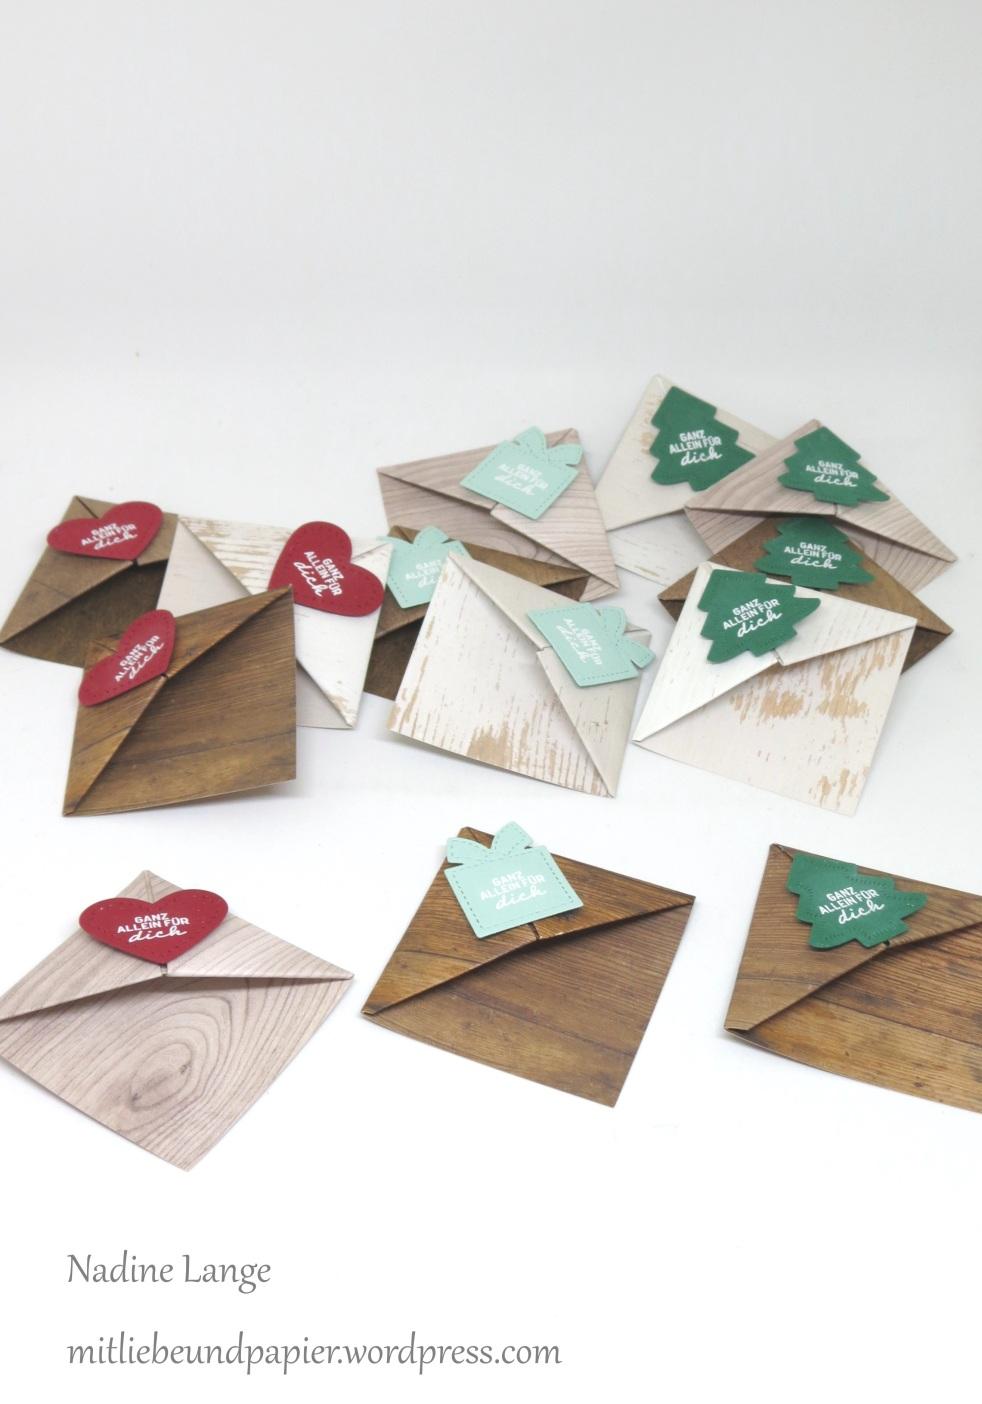 Beeindruckend Lesezeichen Basteln Aus Papier Foto Von Katalogversand Teil 2 – Die Geschenke (stampin